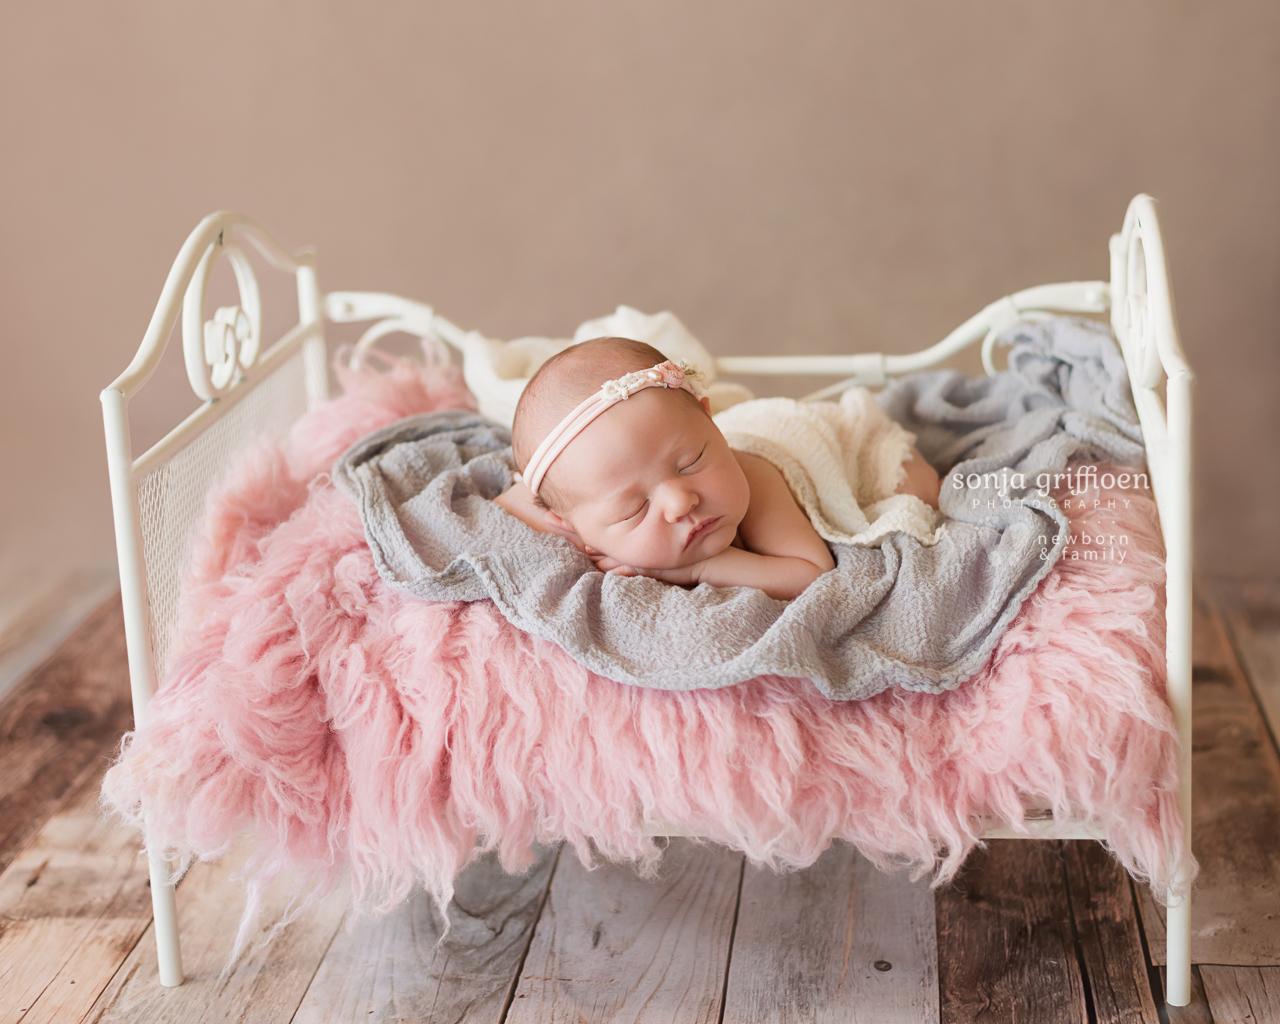 Violet-Newborn-Brisbane-Newborn-Photographer-Sonja-Griffioen-13.jpg